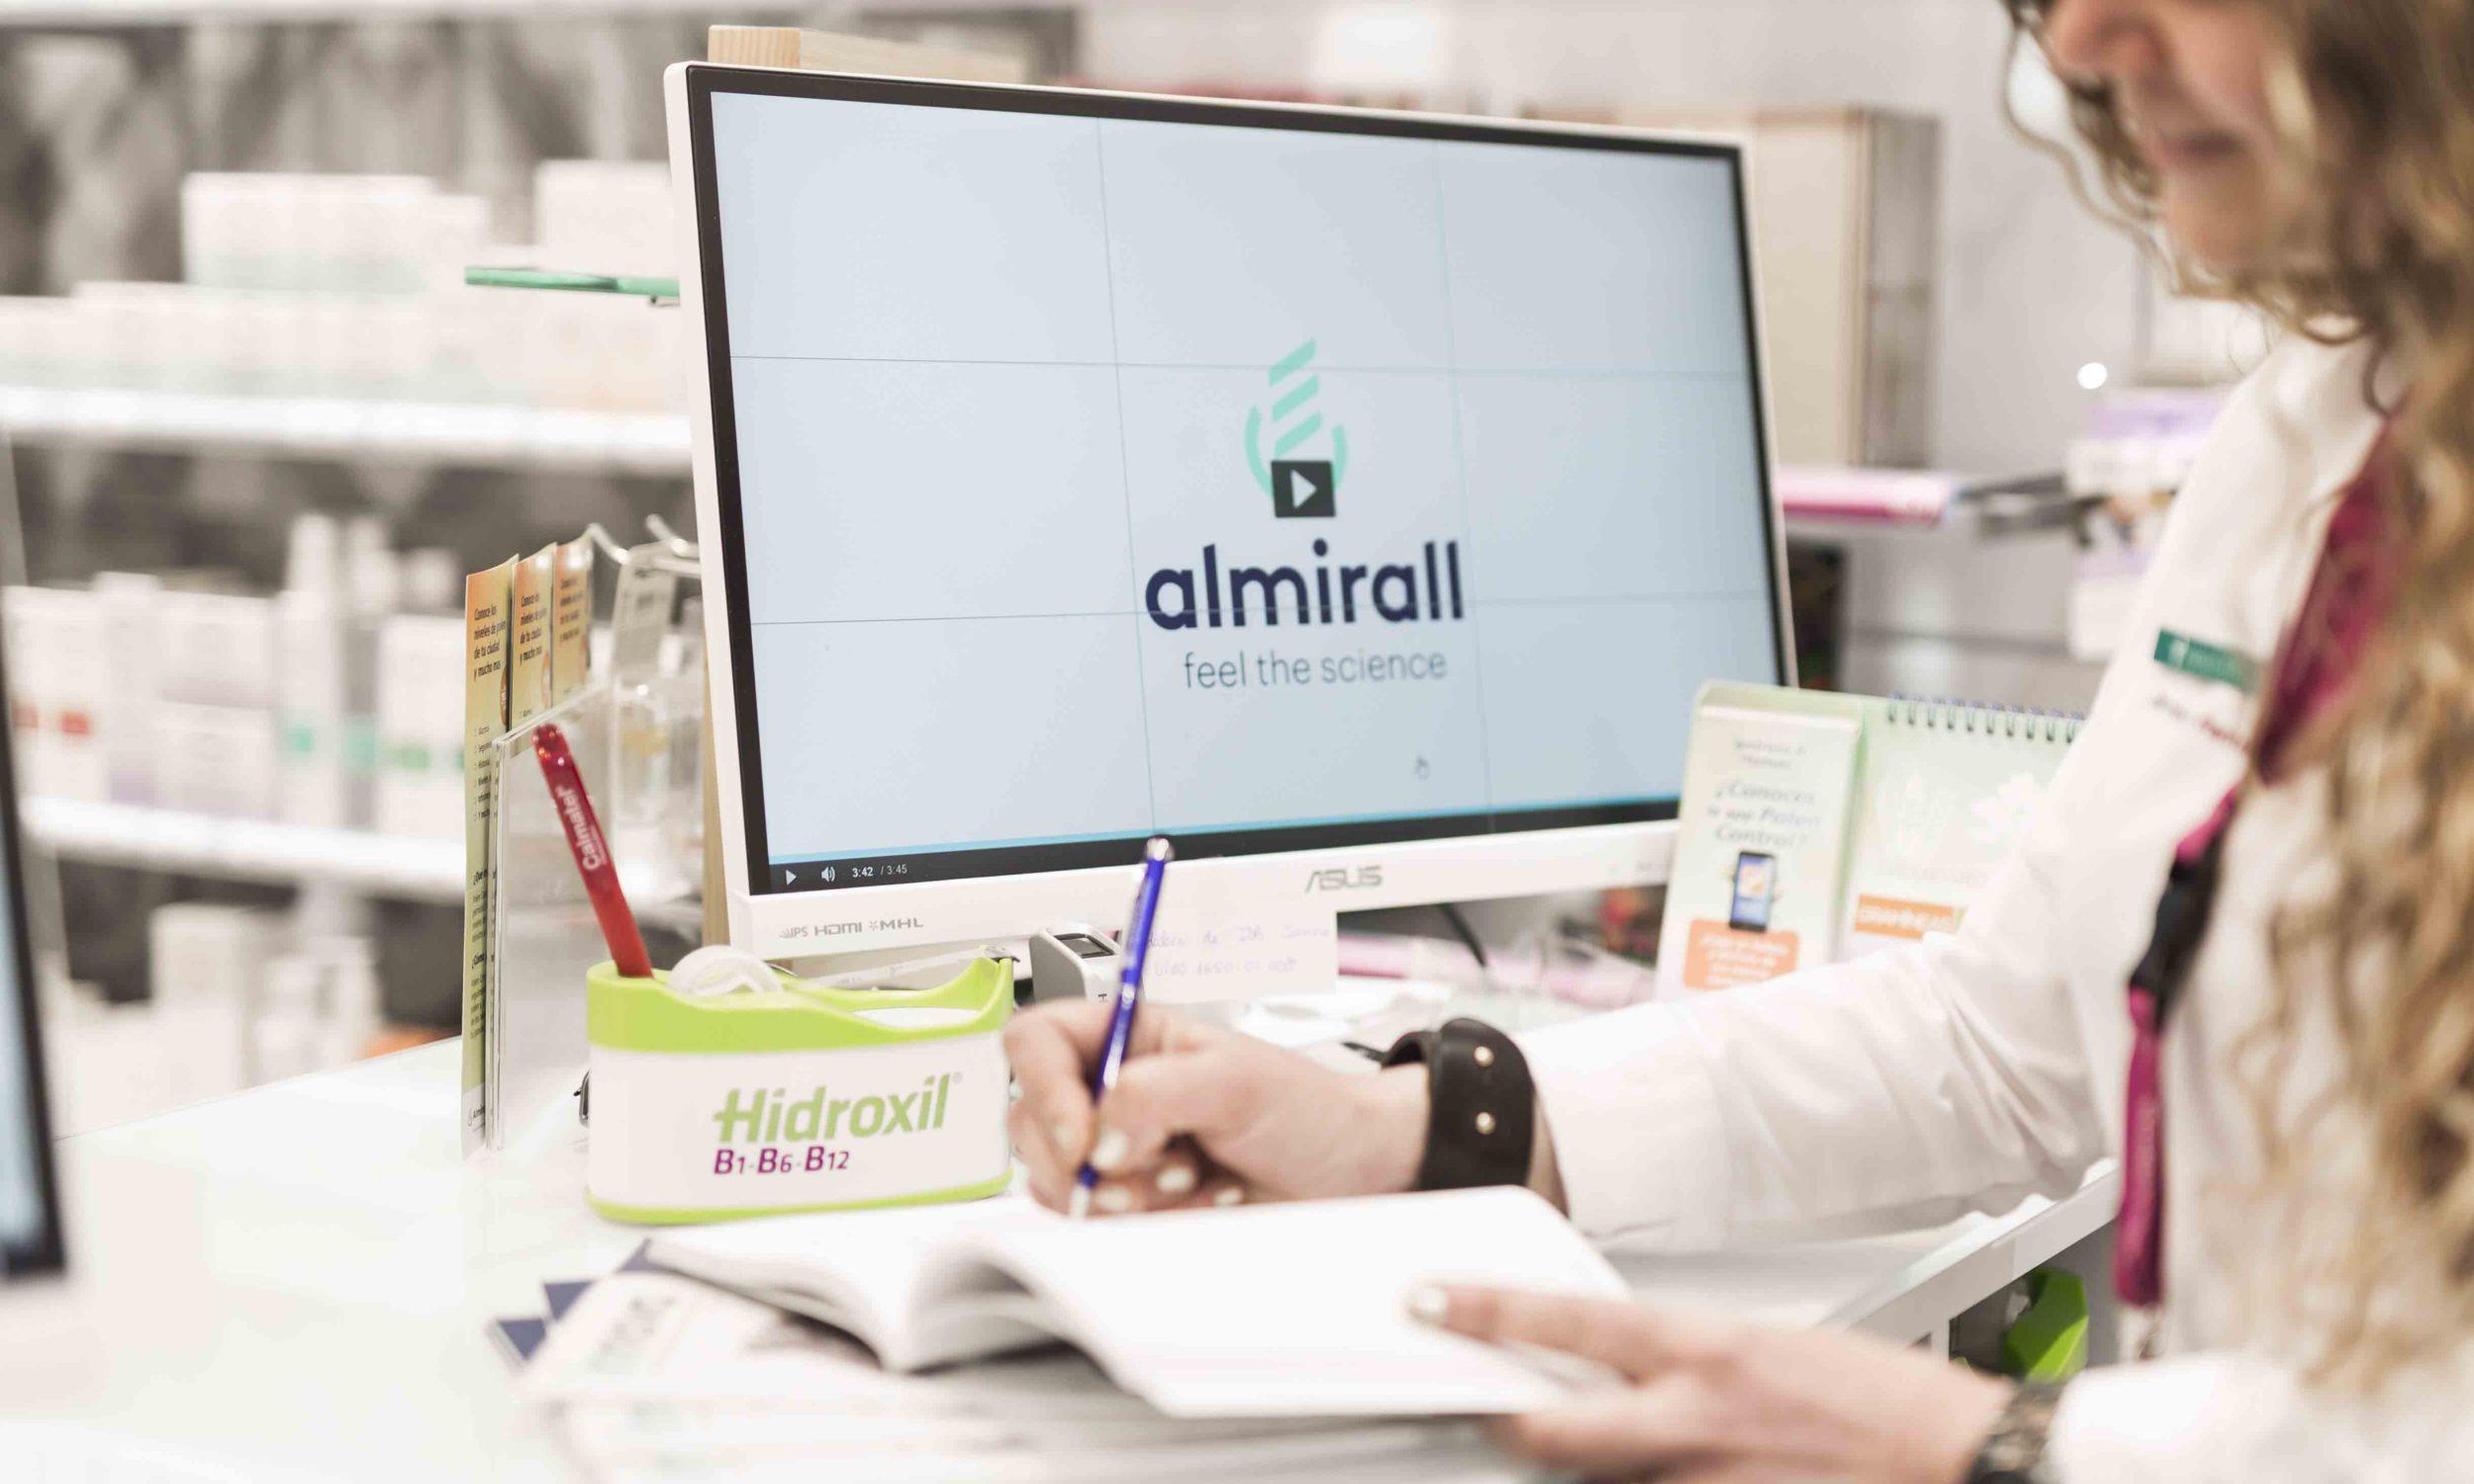 Club de la Farmacia de Almirall